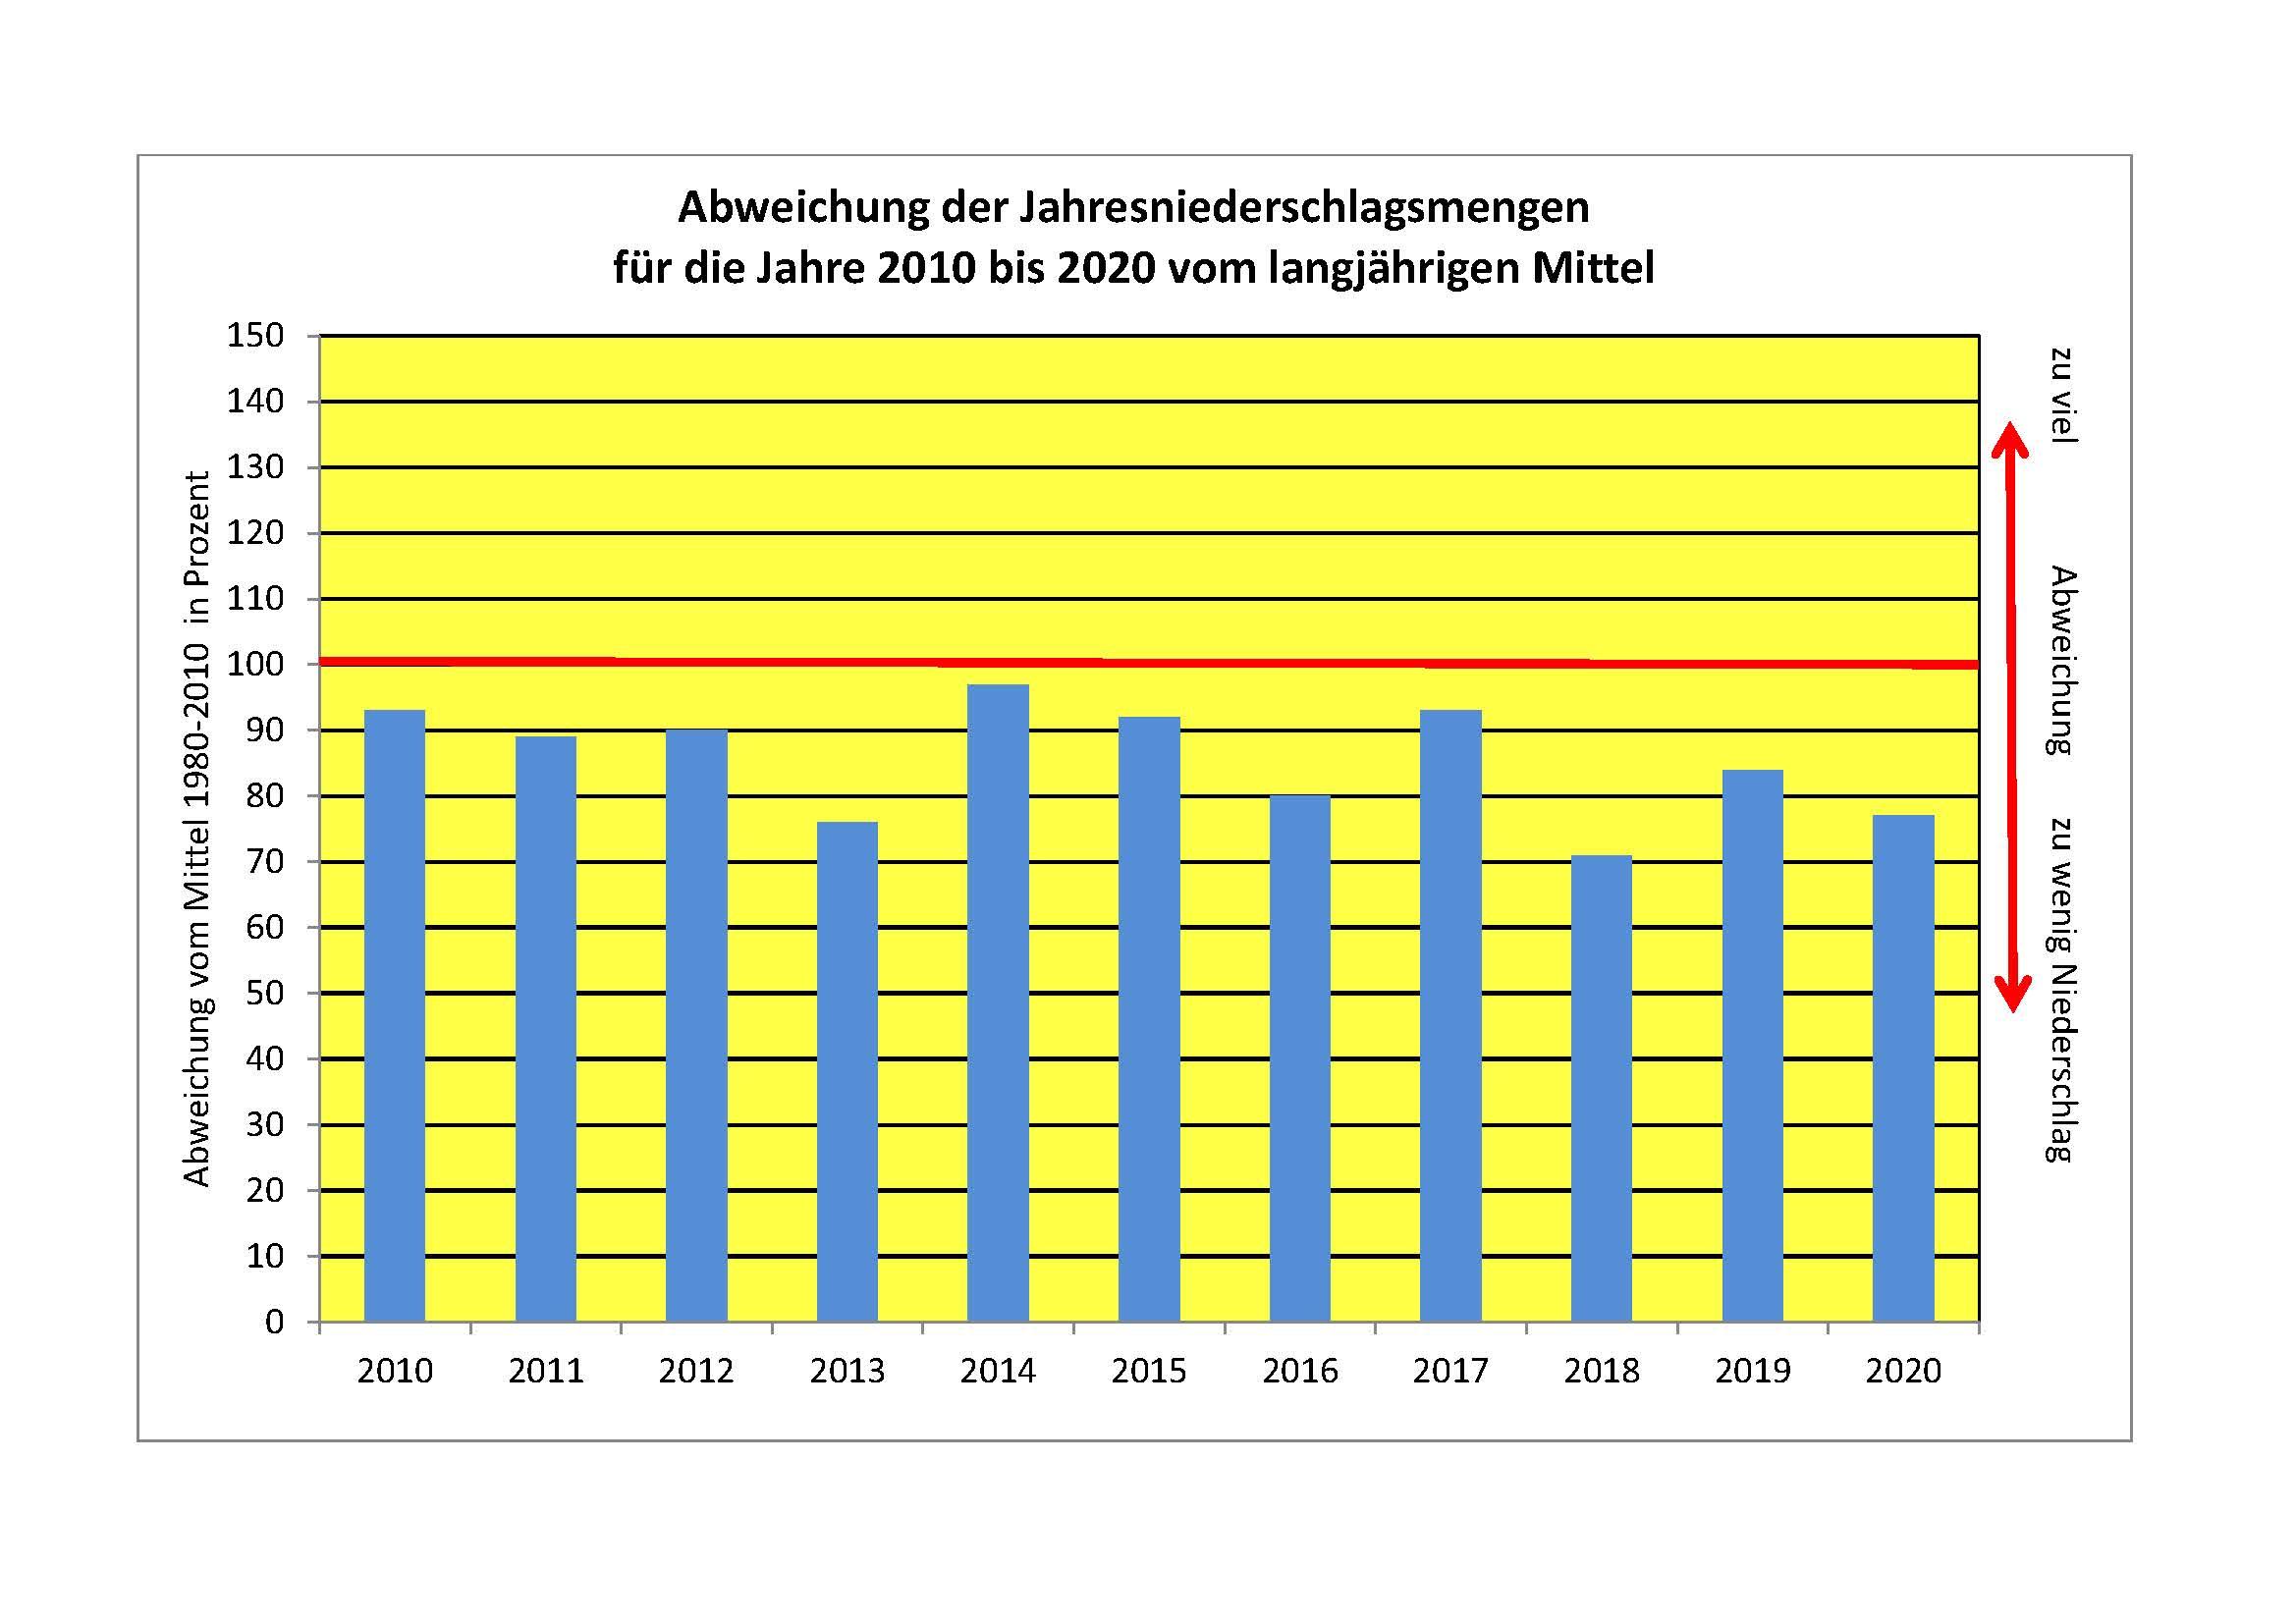 Von 2010 bis 2020 wurde die Niederschlagsmenge des langjährigen Mittels aus dem Zeitraum 1981 bis 2010 (rote Linie) in keinem Jahr erreicht (Foto: Stadt Düsseldorf, Amt für Umwelt- und Verbraucherschutz)